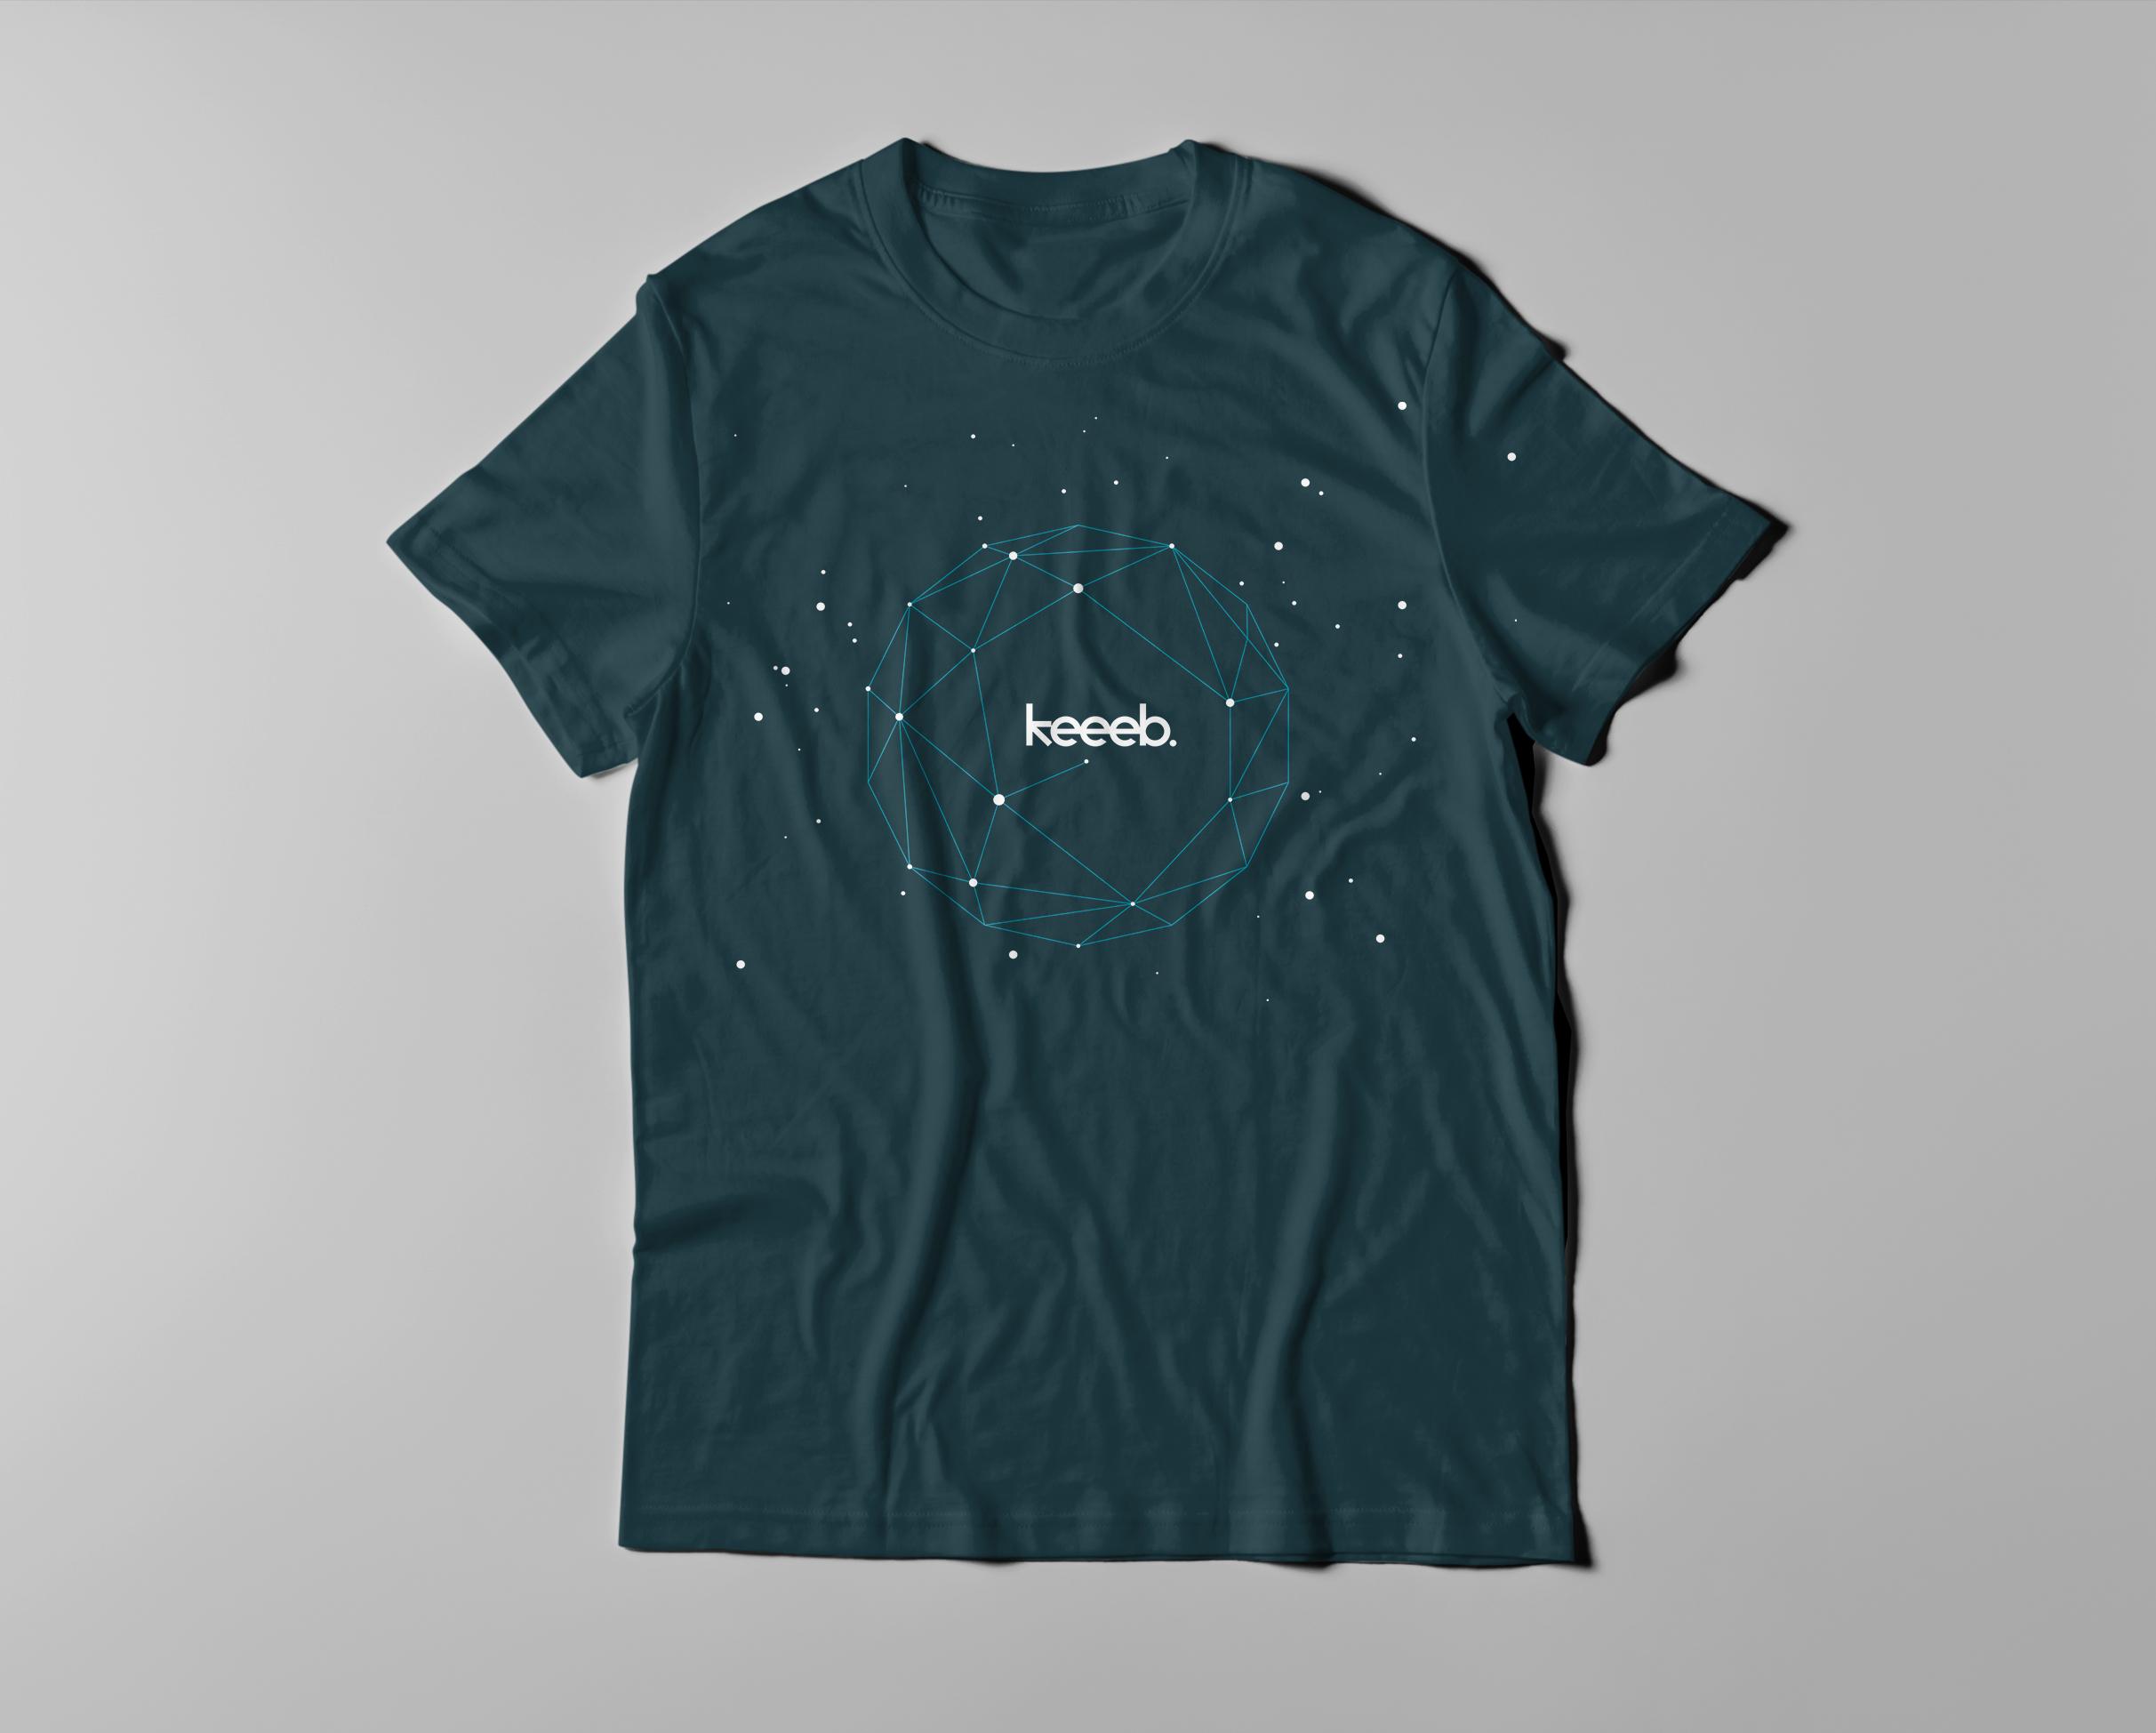 keeeb-shirt-buero-ink